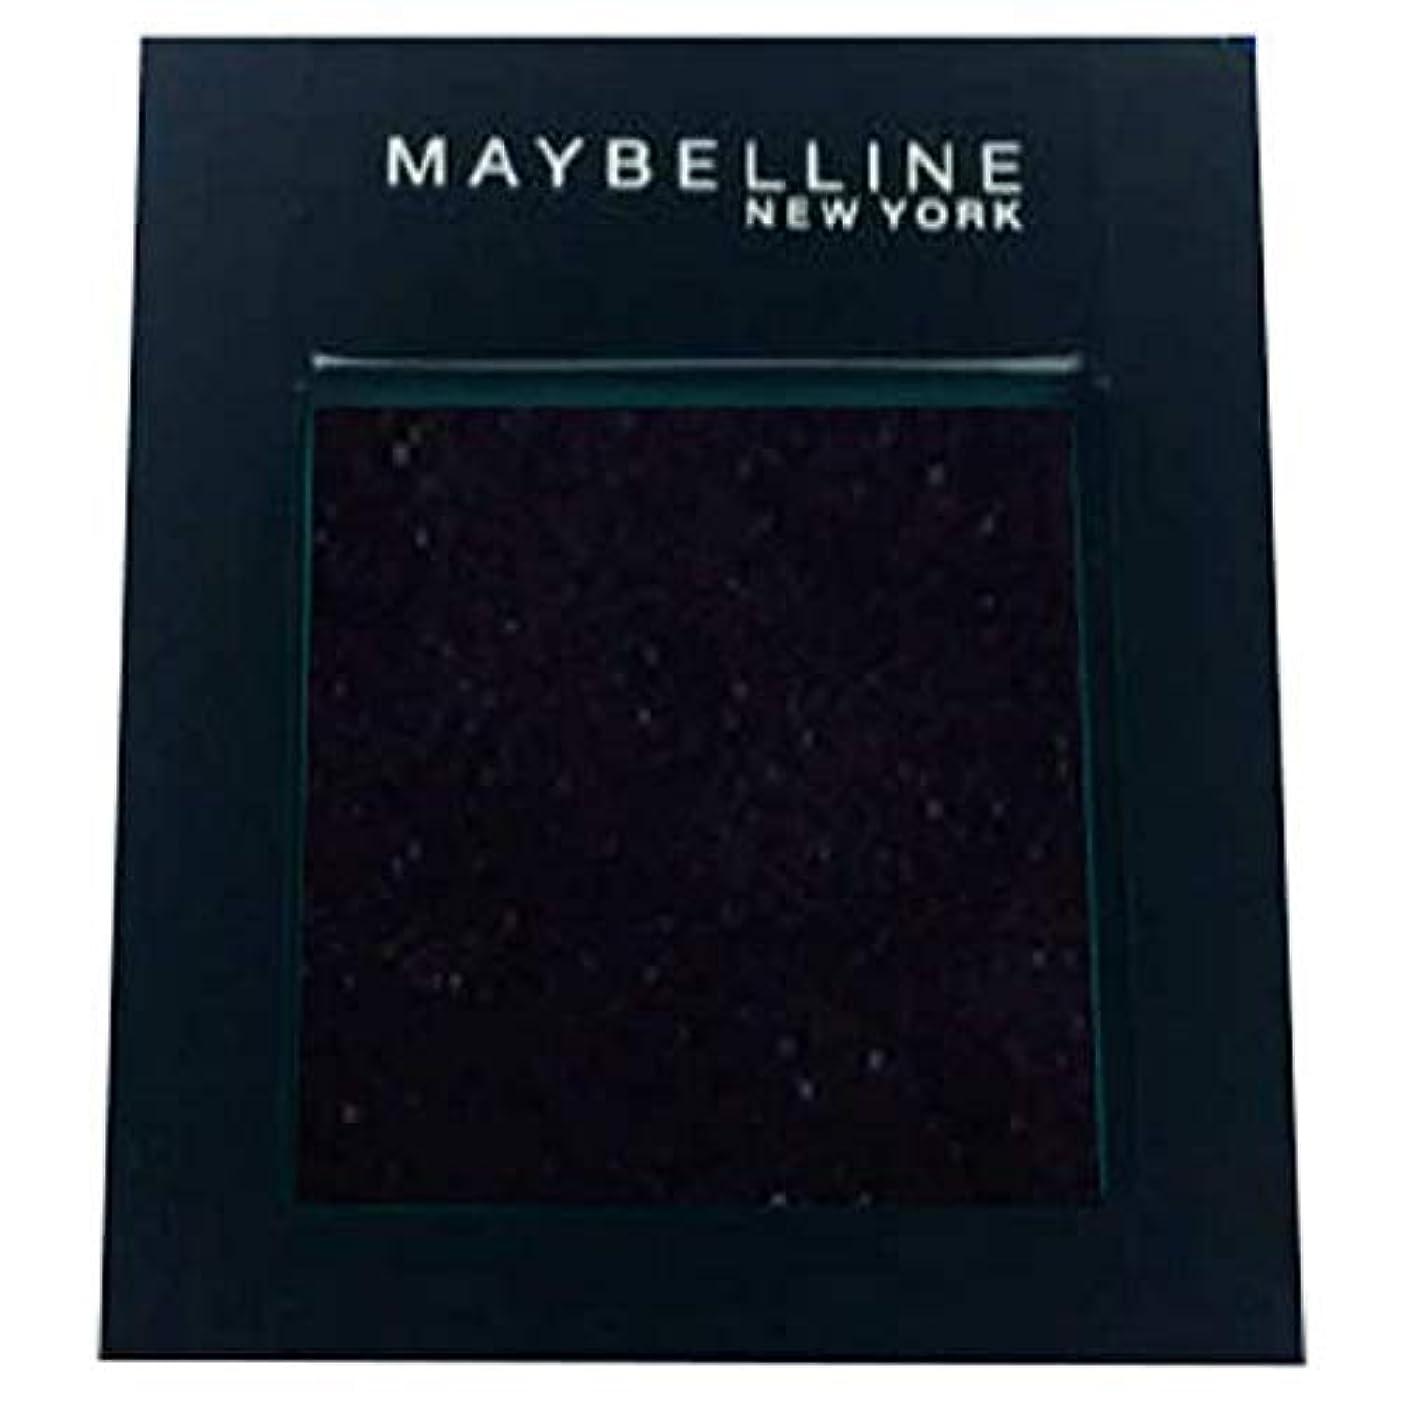 省略する果てしない勘違いする[Maybelline ] メイベリンカラーショーシングルアイシャドウ125の夜 - Maybelline Color Show Single Eyeshadow 125 Night [並行輸入品]